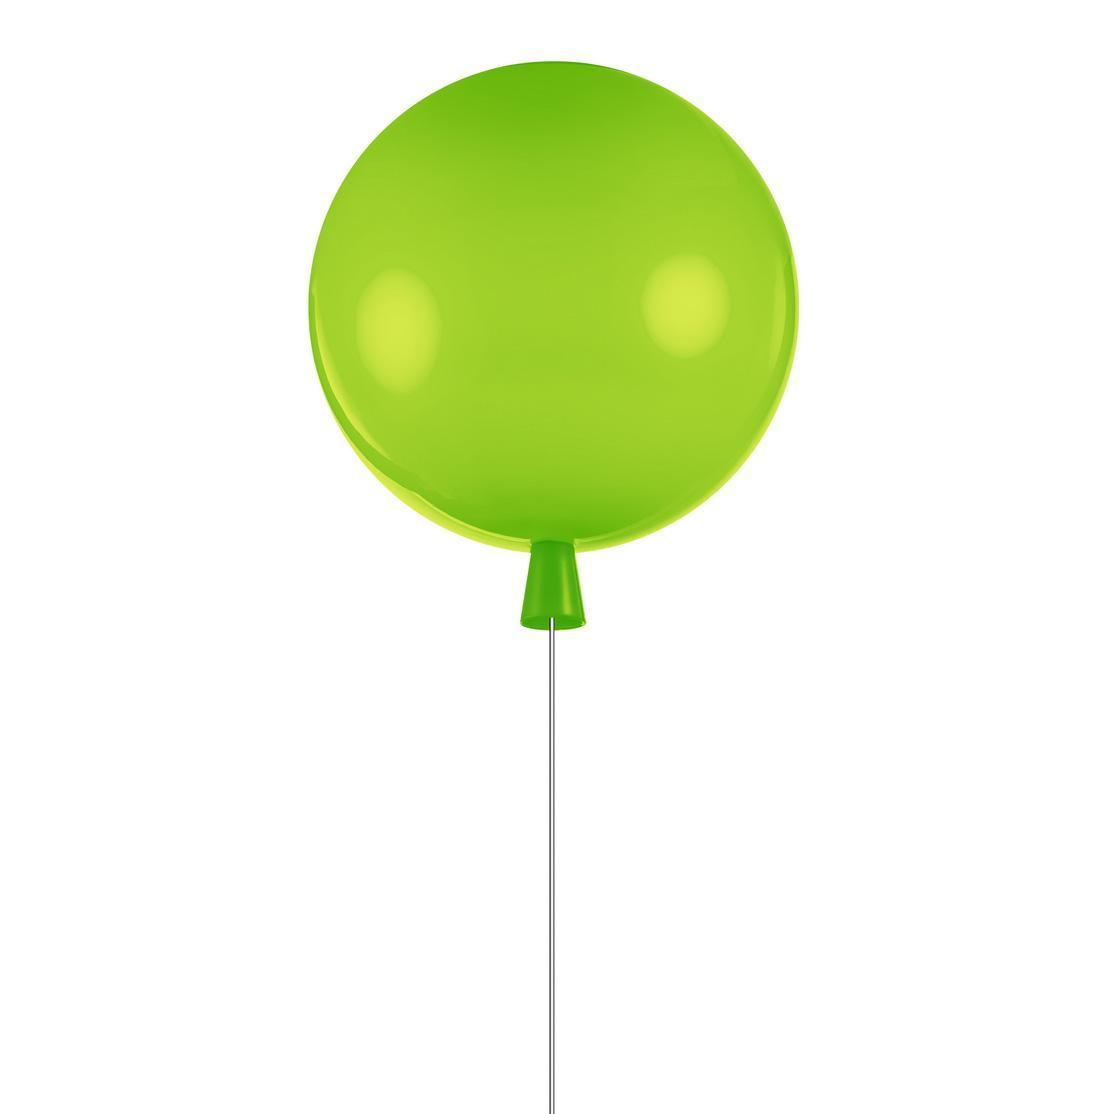 Потолочный светильник Loft IT 5055C/S green потолочный светильник loft it 5055c s white